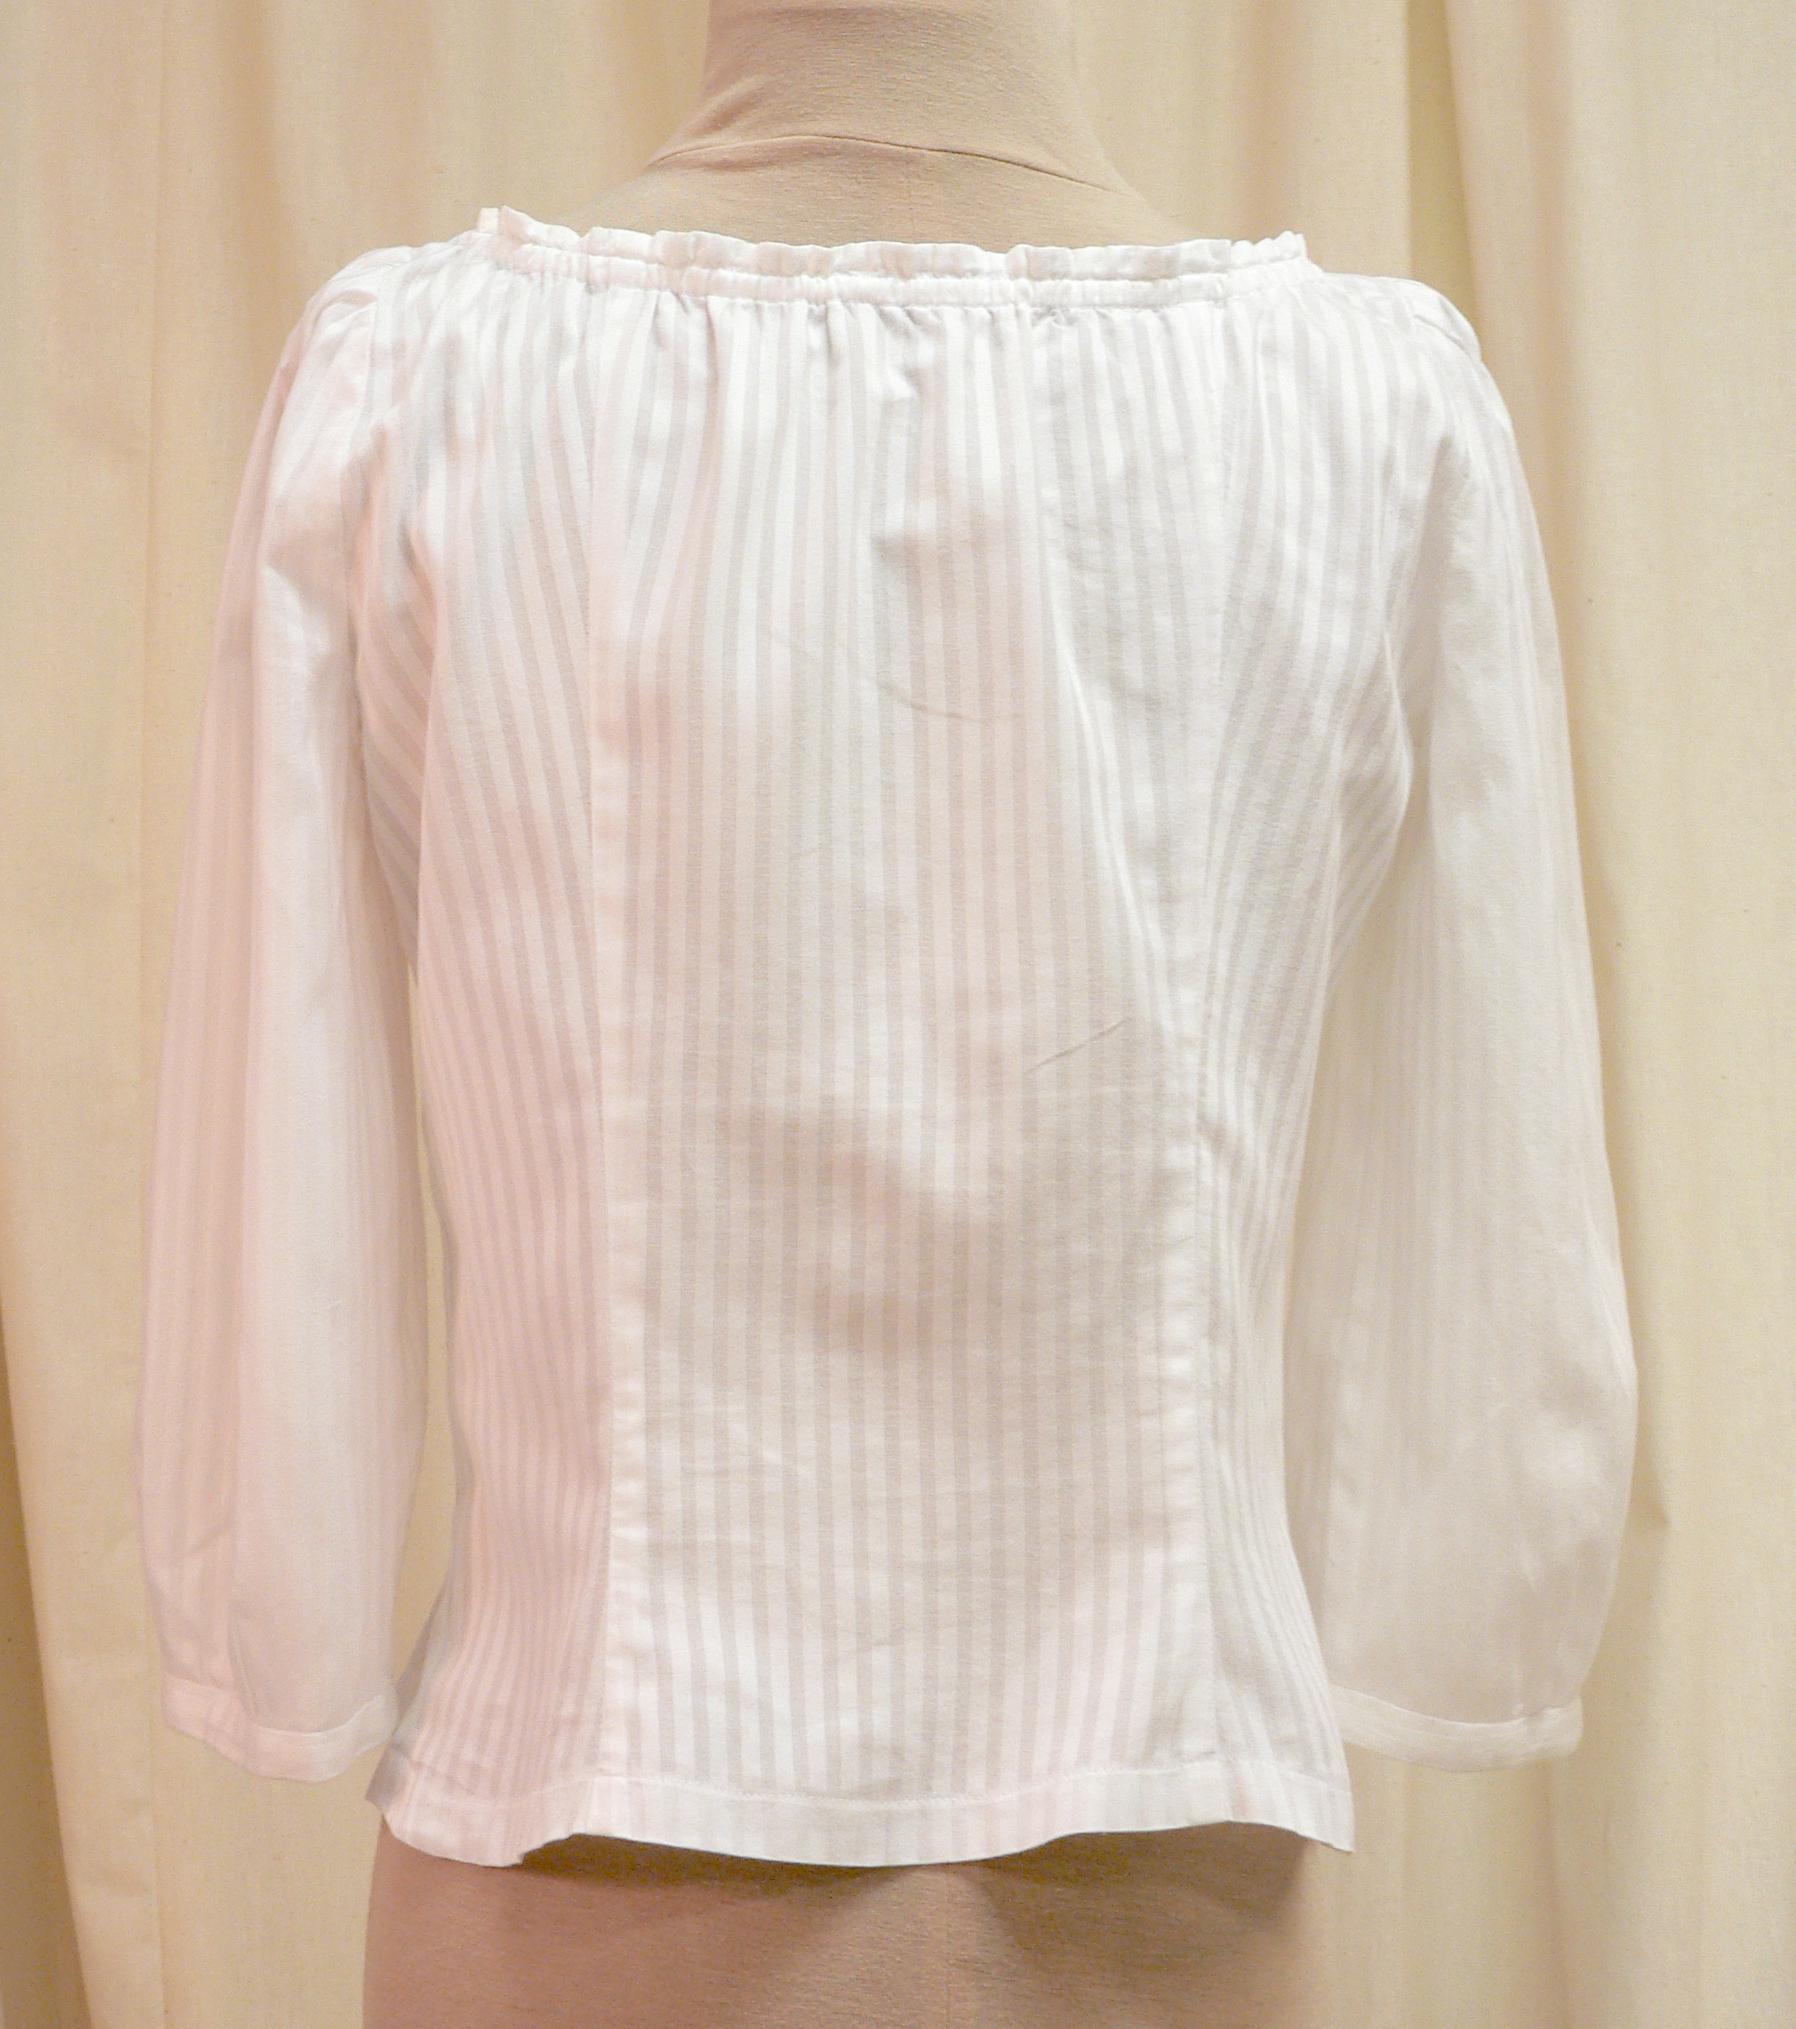 blouse07_back.jpg